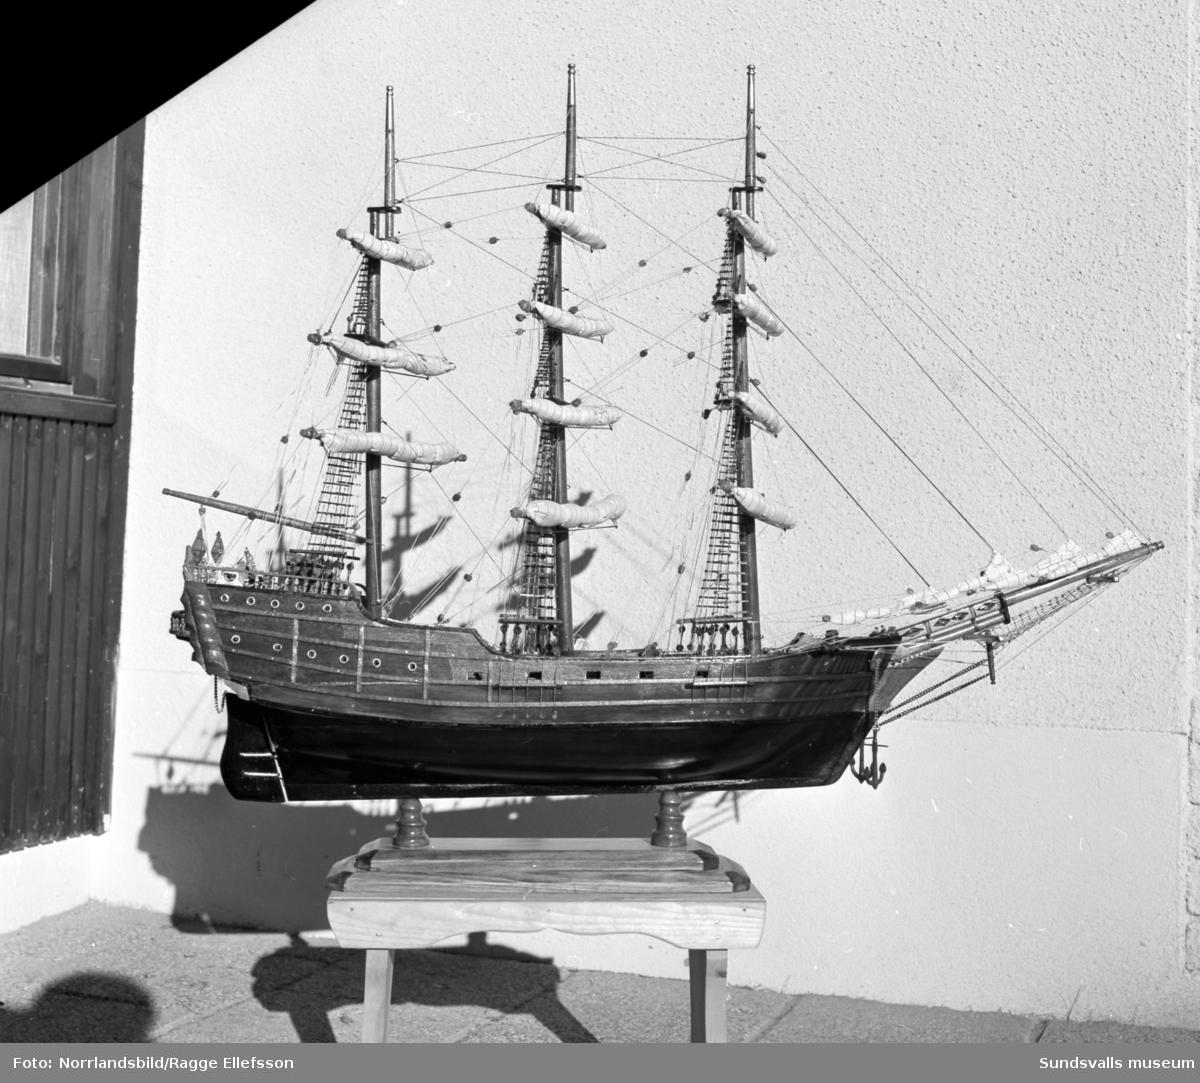 Modellskepp hemma hos innehavaren av Henrix herrekipering, Ingemar Berglund. Skeppet placerades senare i butiken.